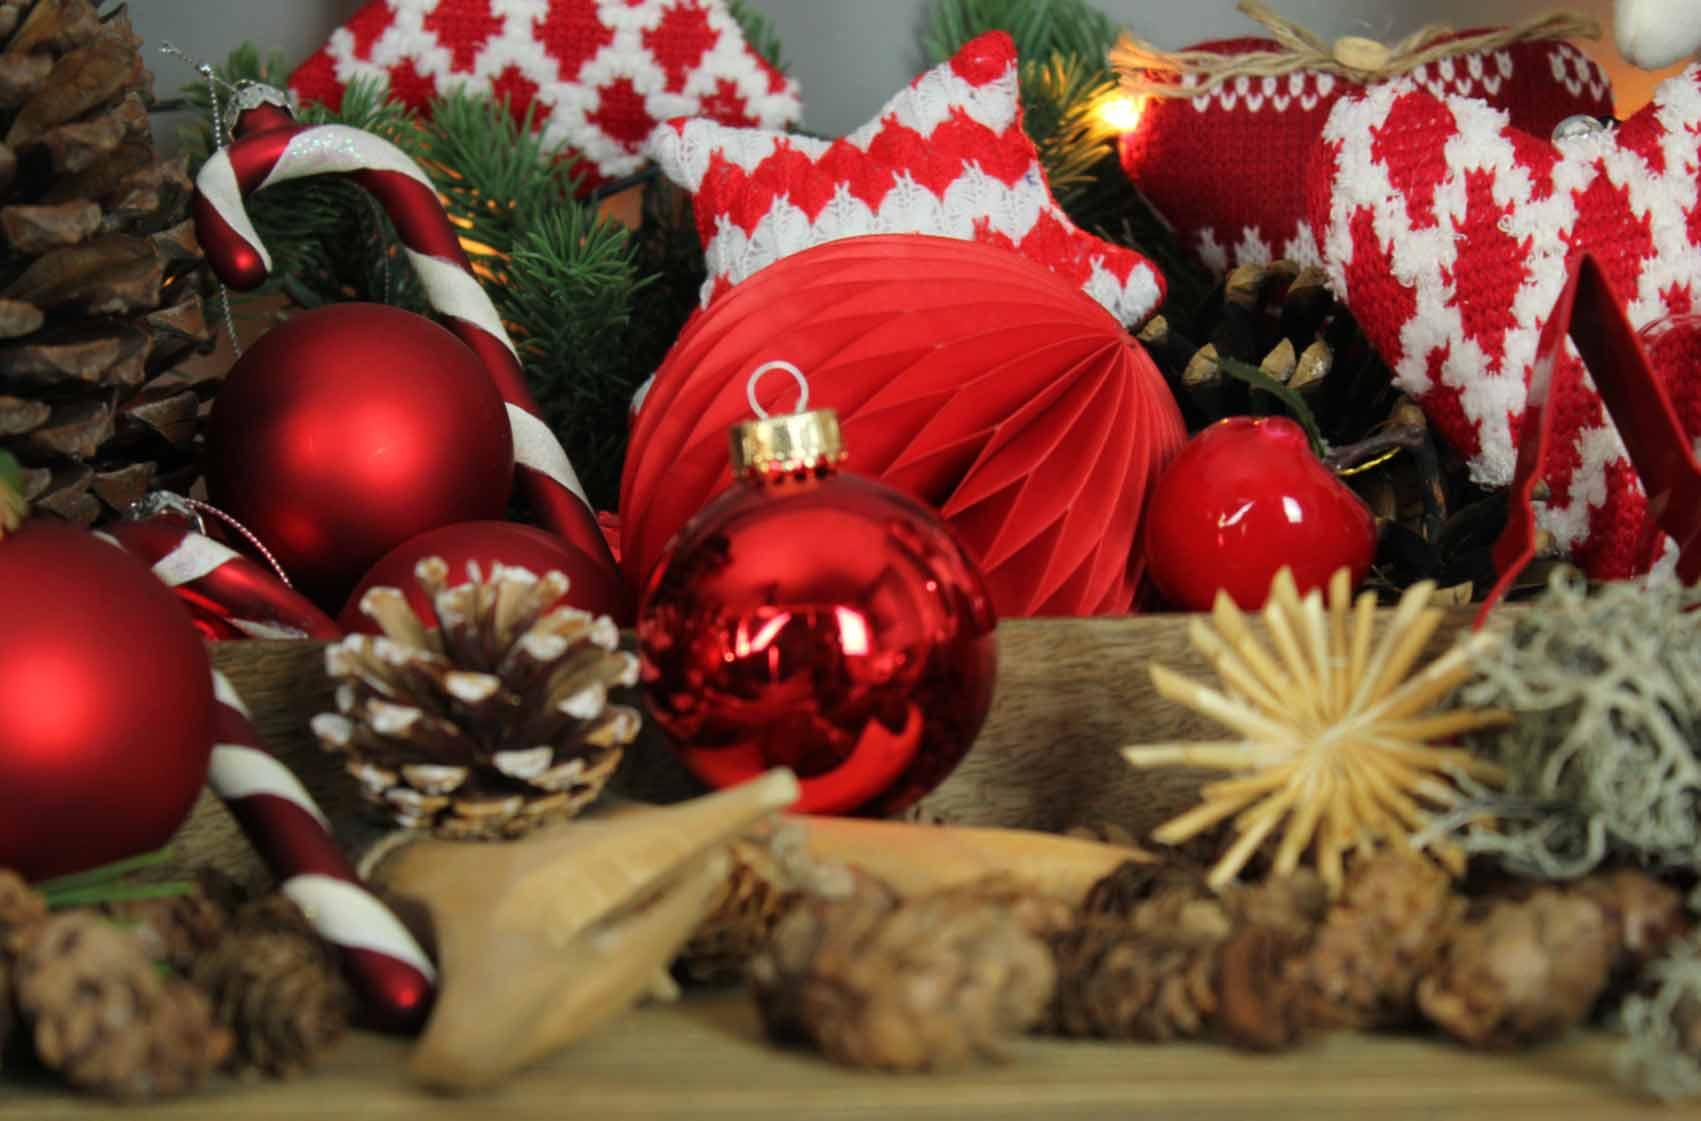 Dekoration weihnachten mokowo lifetyleblog rot mokowo for Dekoration weihnachten